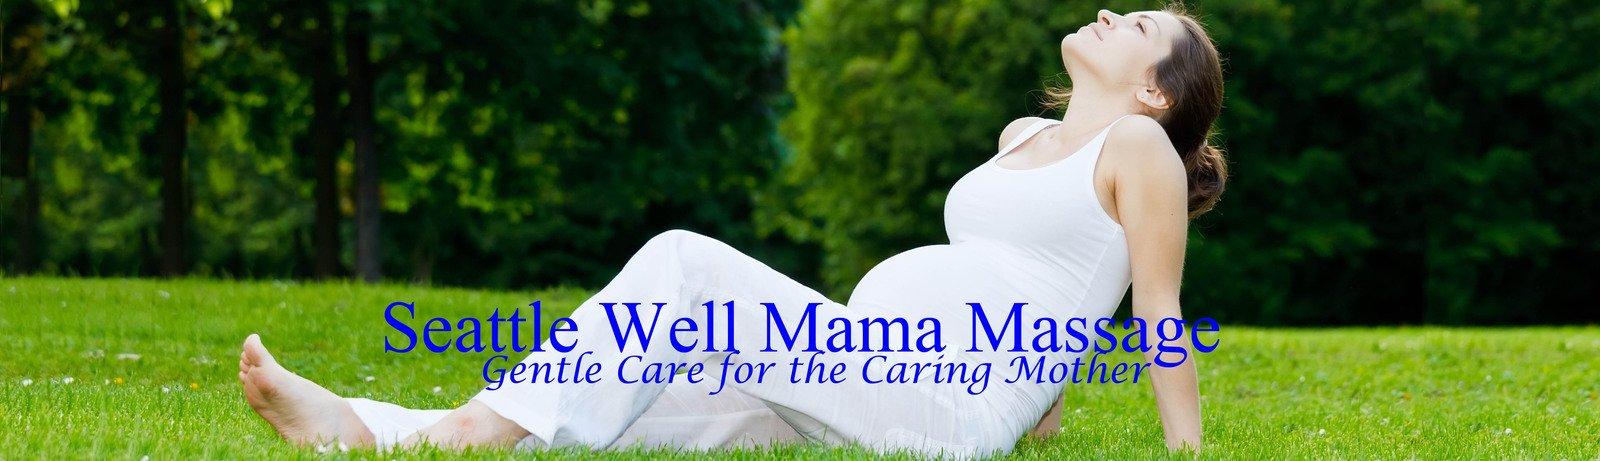 Seattle Well Mama Massage